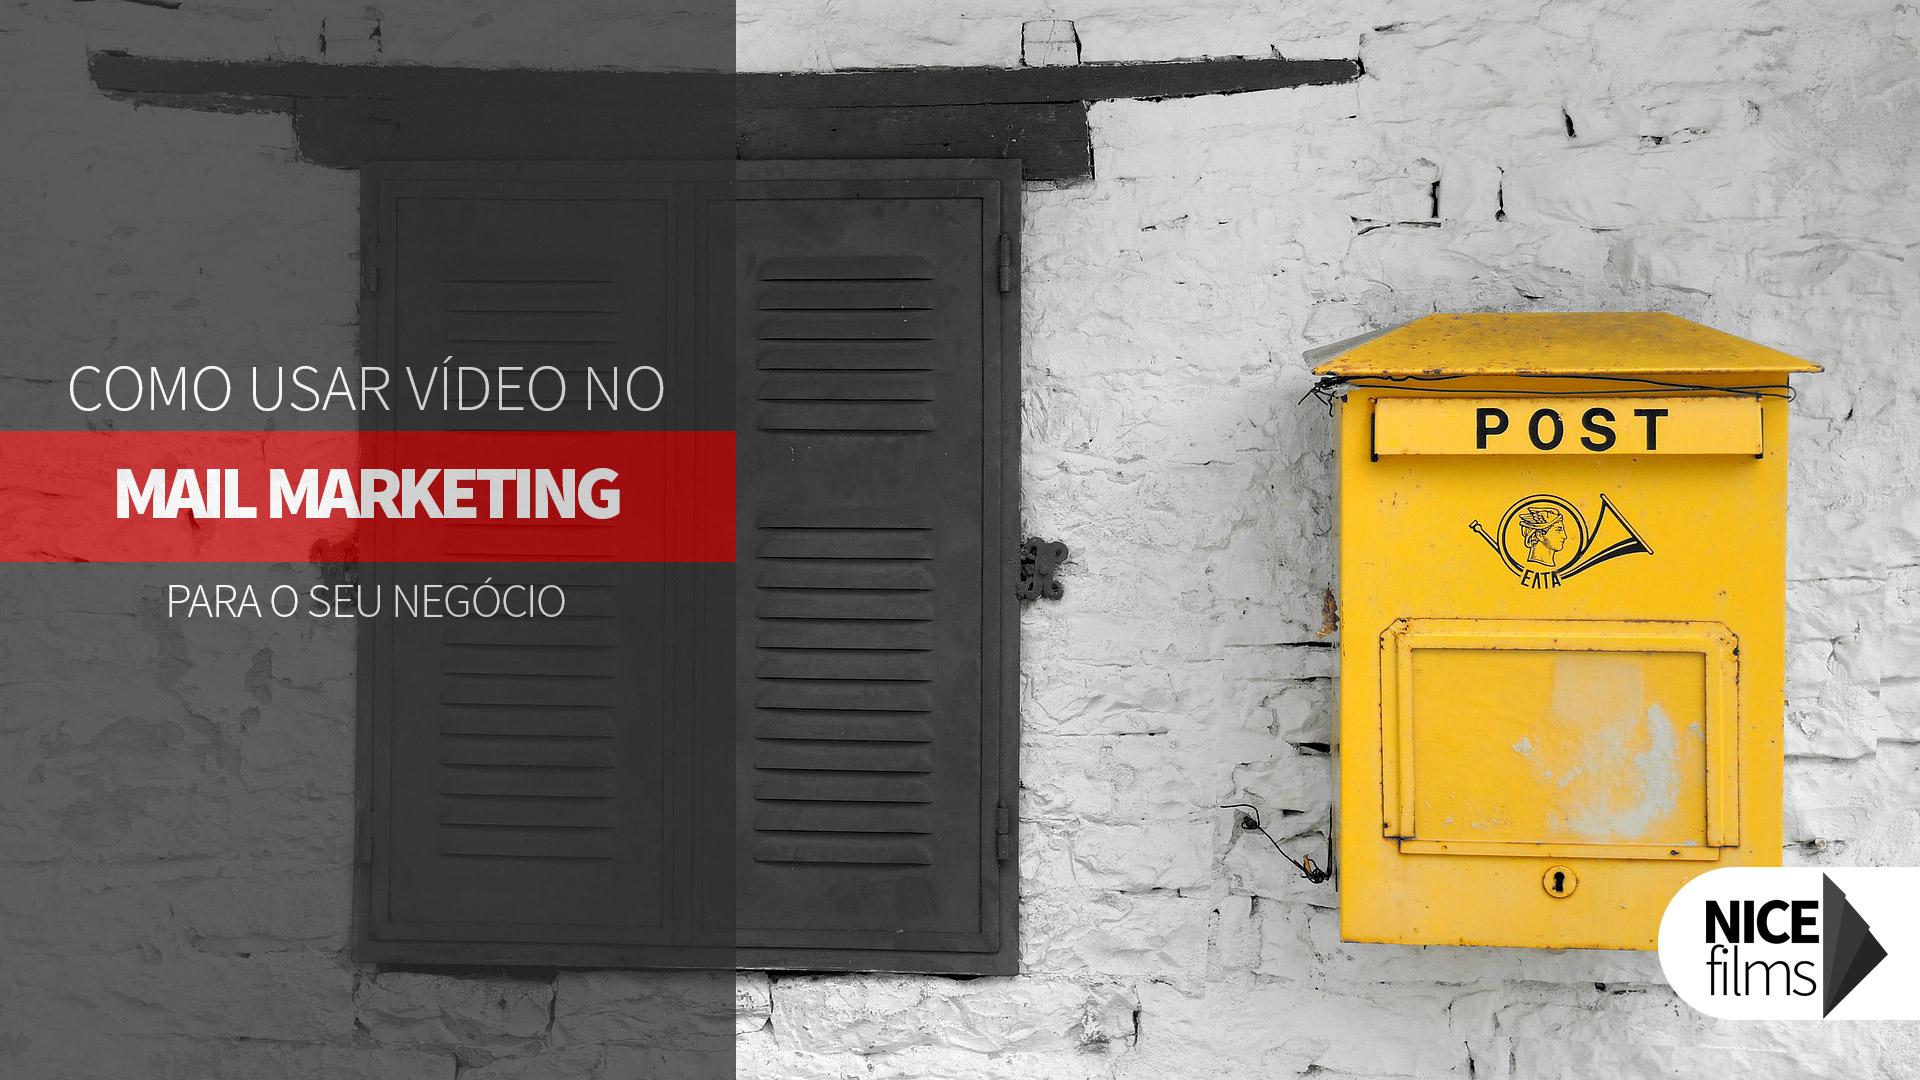 Vídeo em sua campanha de e-mail marketing